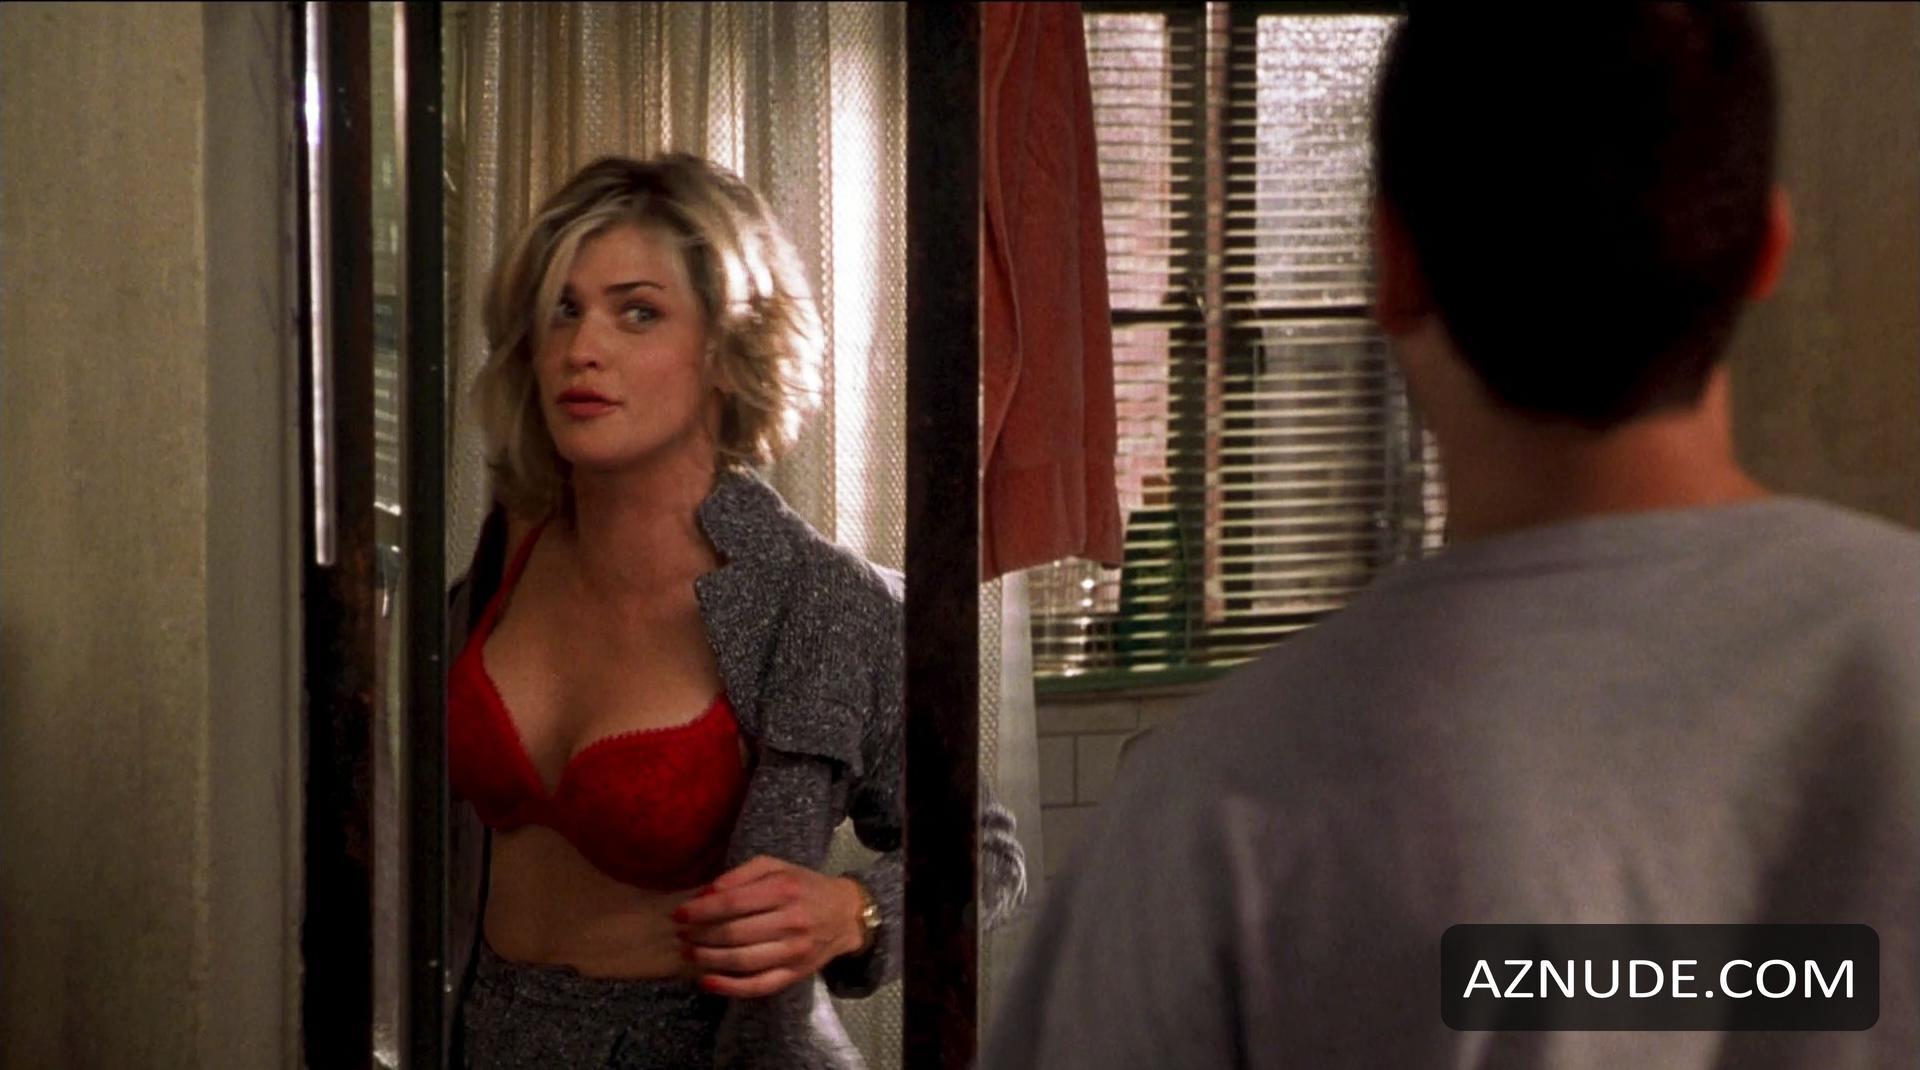 beauriful women having anal